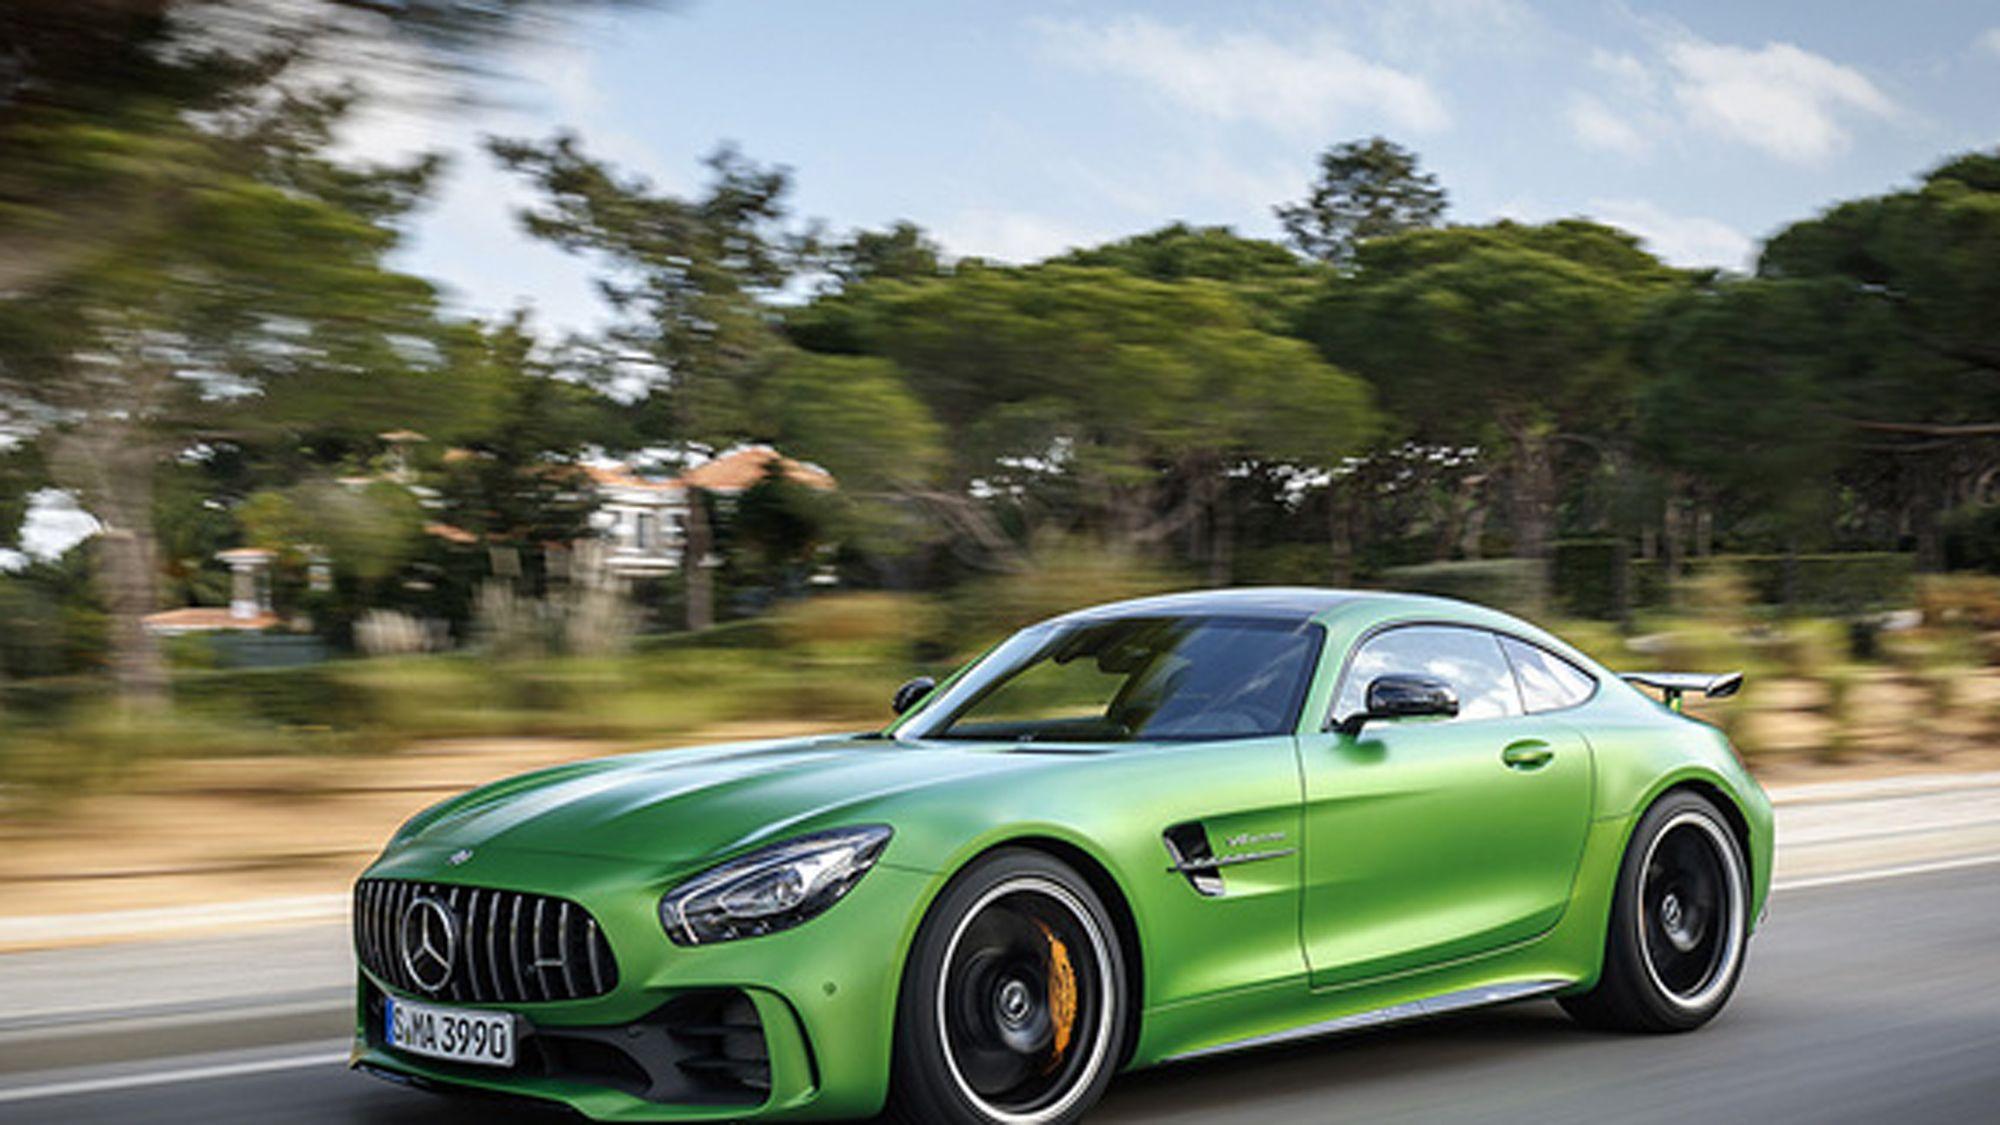 Mercedes-Benz se impone con potencia El Mercedes-Benz AMG GT R rompe récords Fuente... http://sientemendoza.com/2017/02/26/mercedes-benz-se-impone-con-potencia/